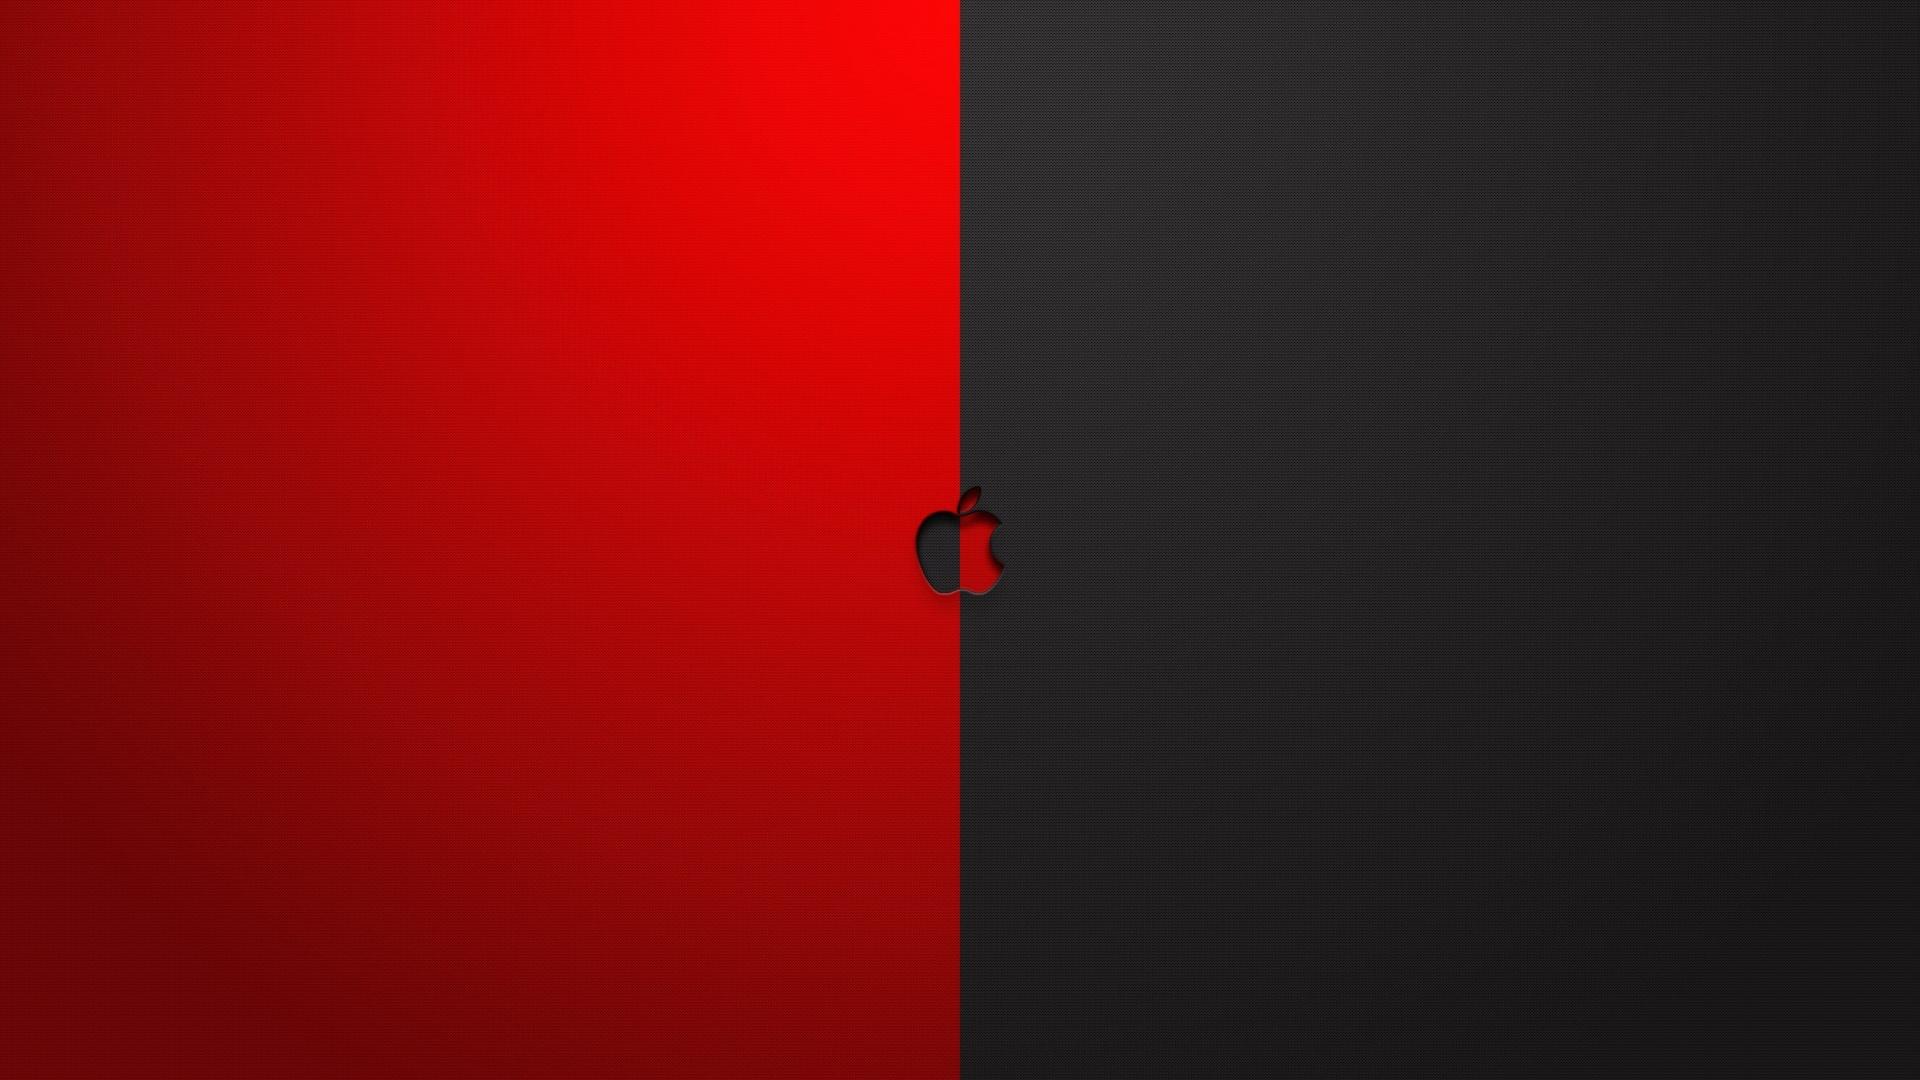 49 Black And Red 1080p Wallpaper On Wallpapersafari